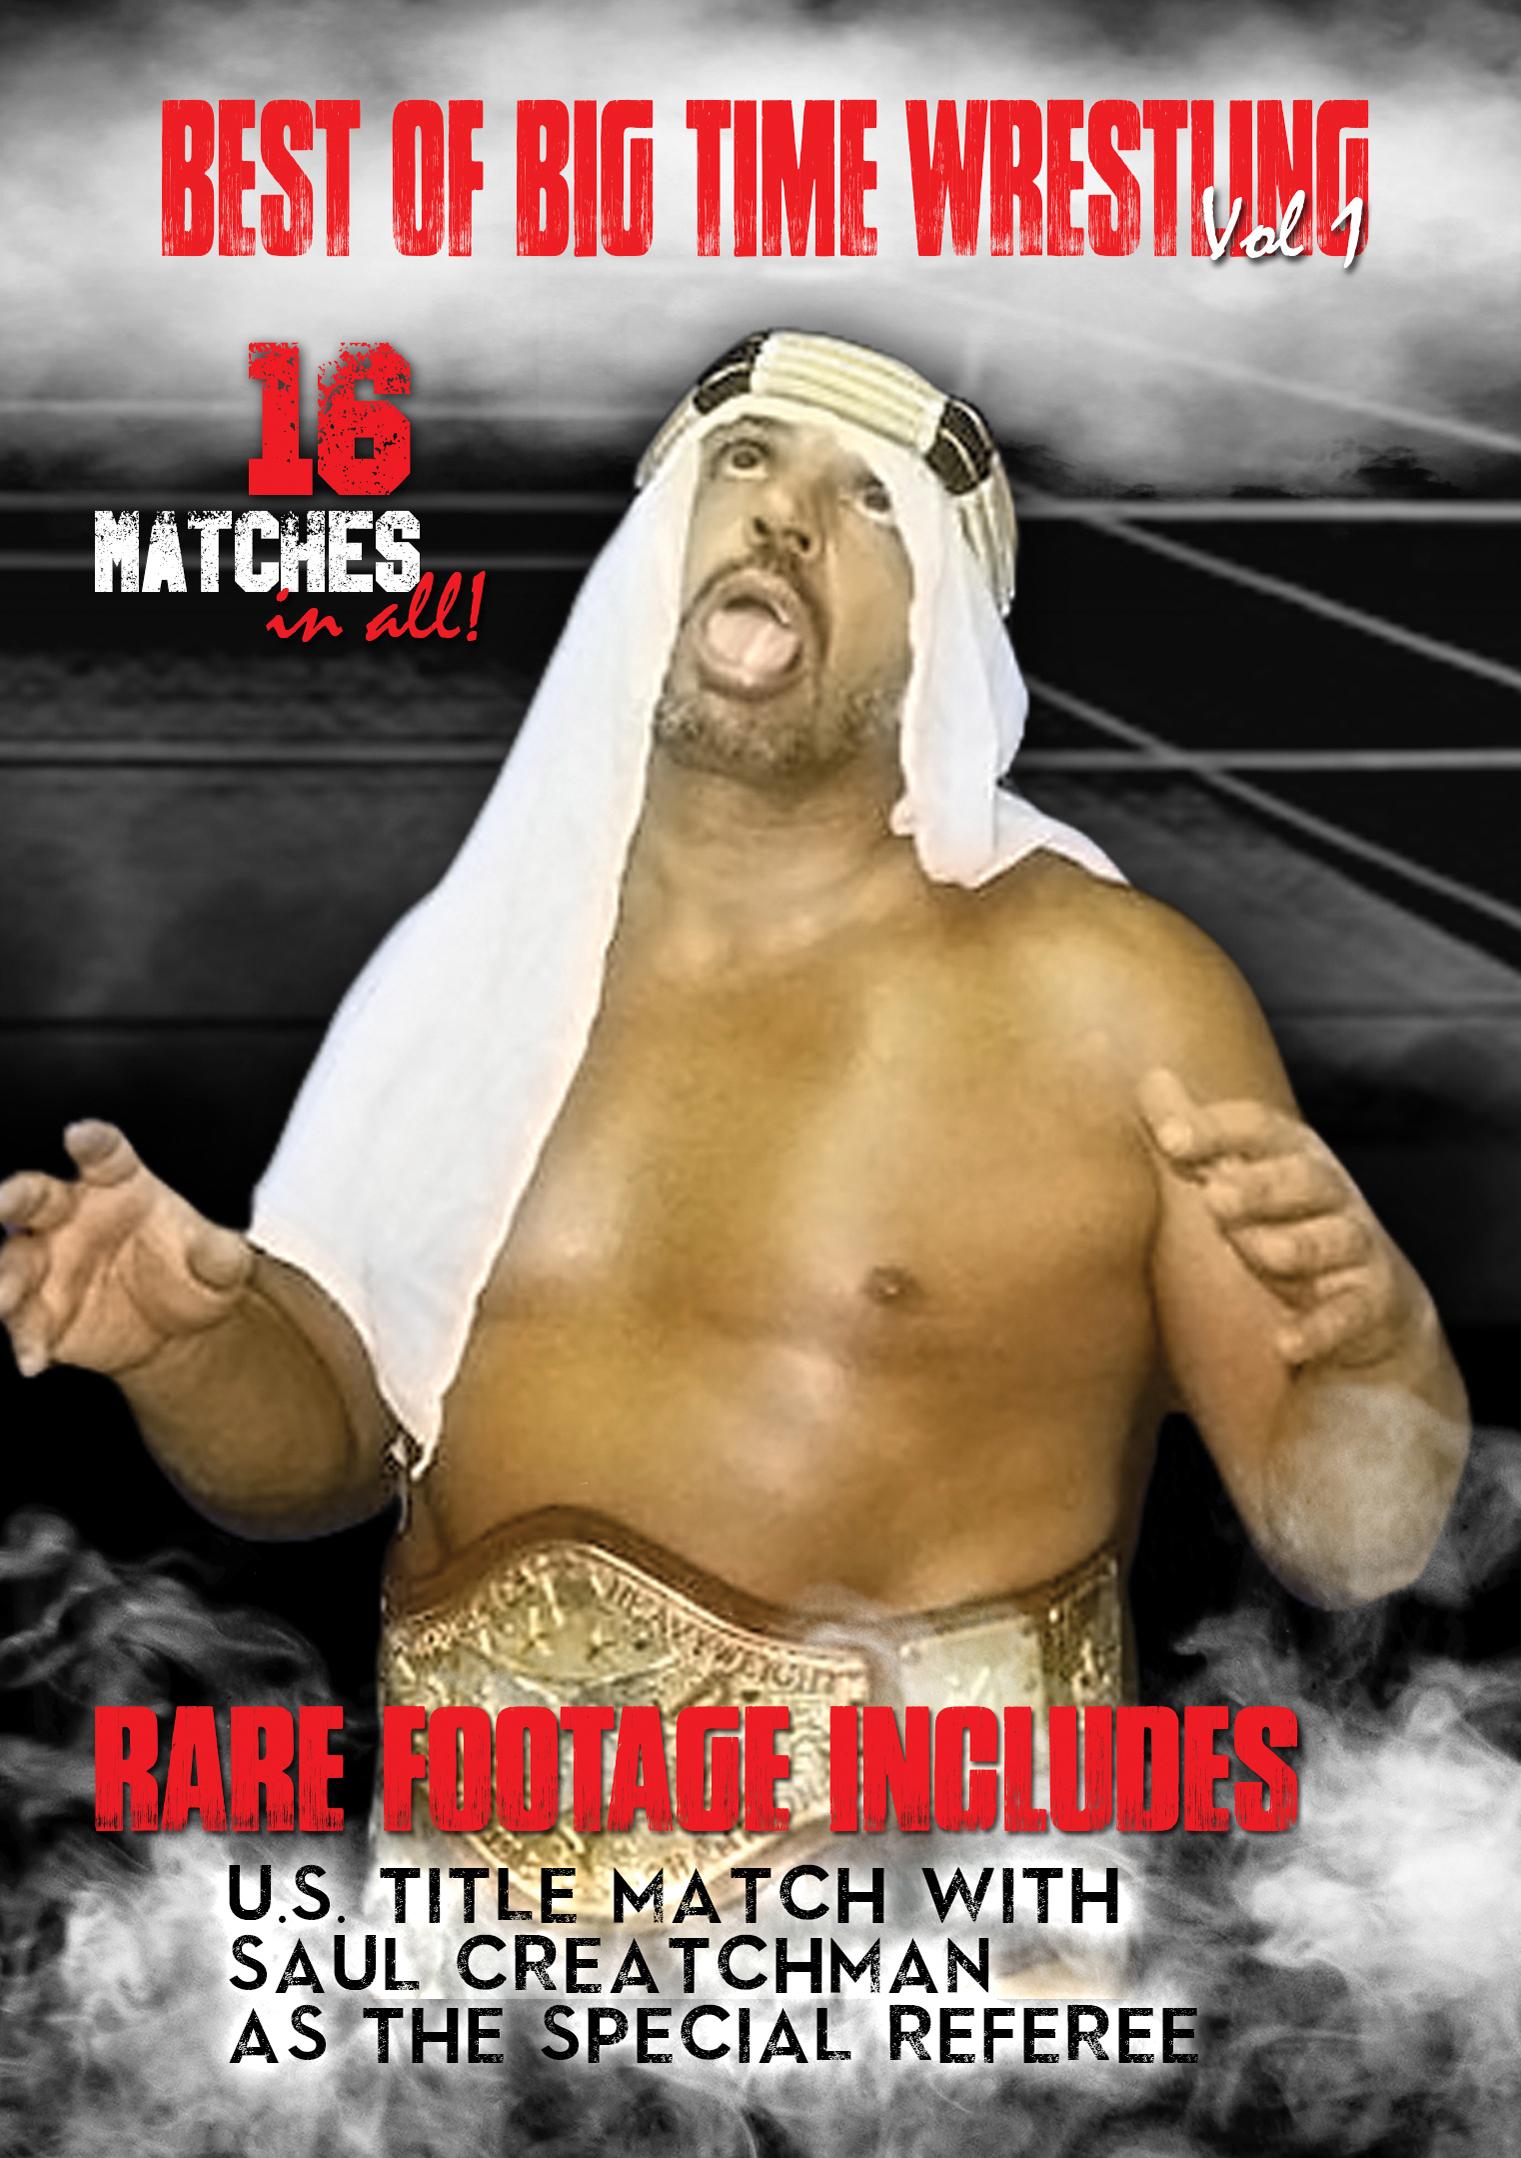 Best of Big Time Wrestling: Vol. 1